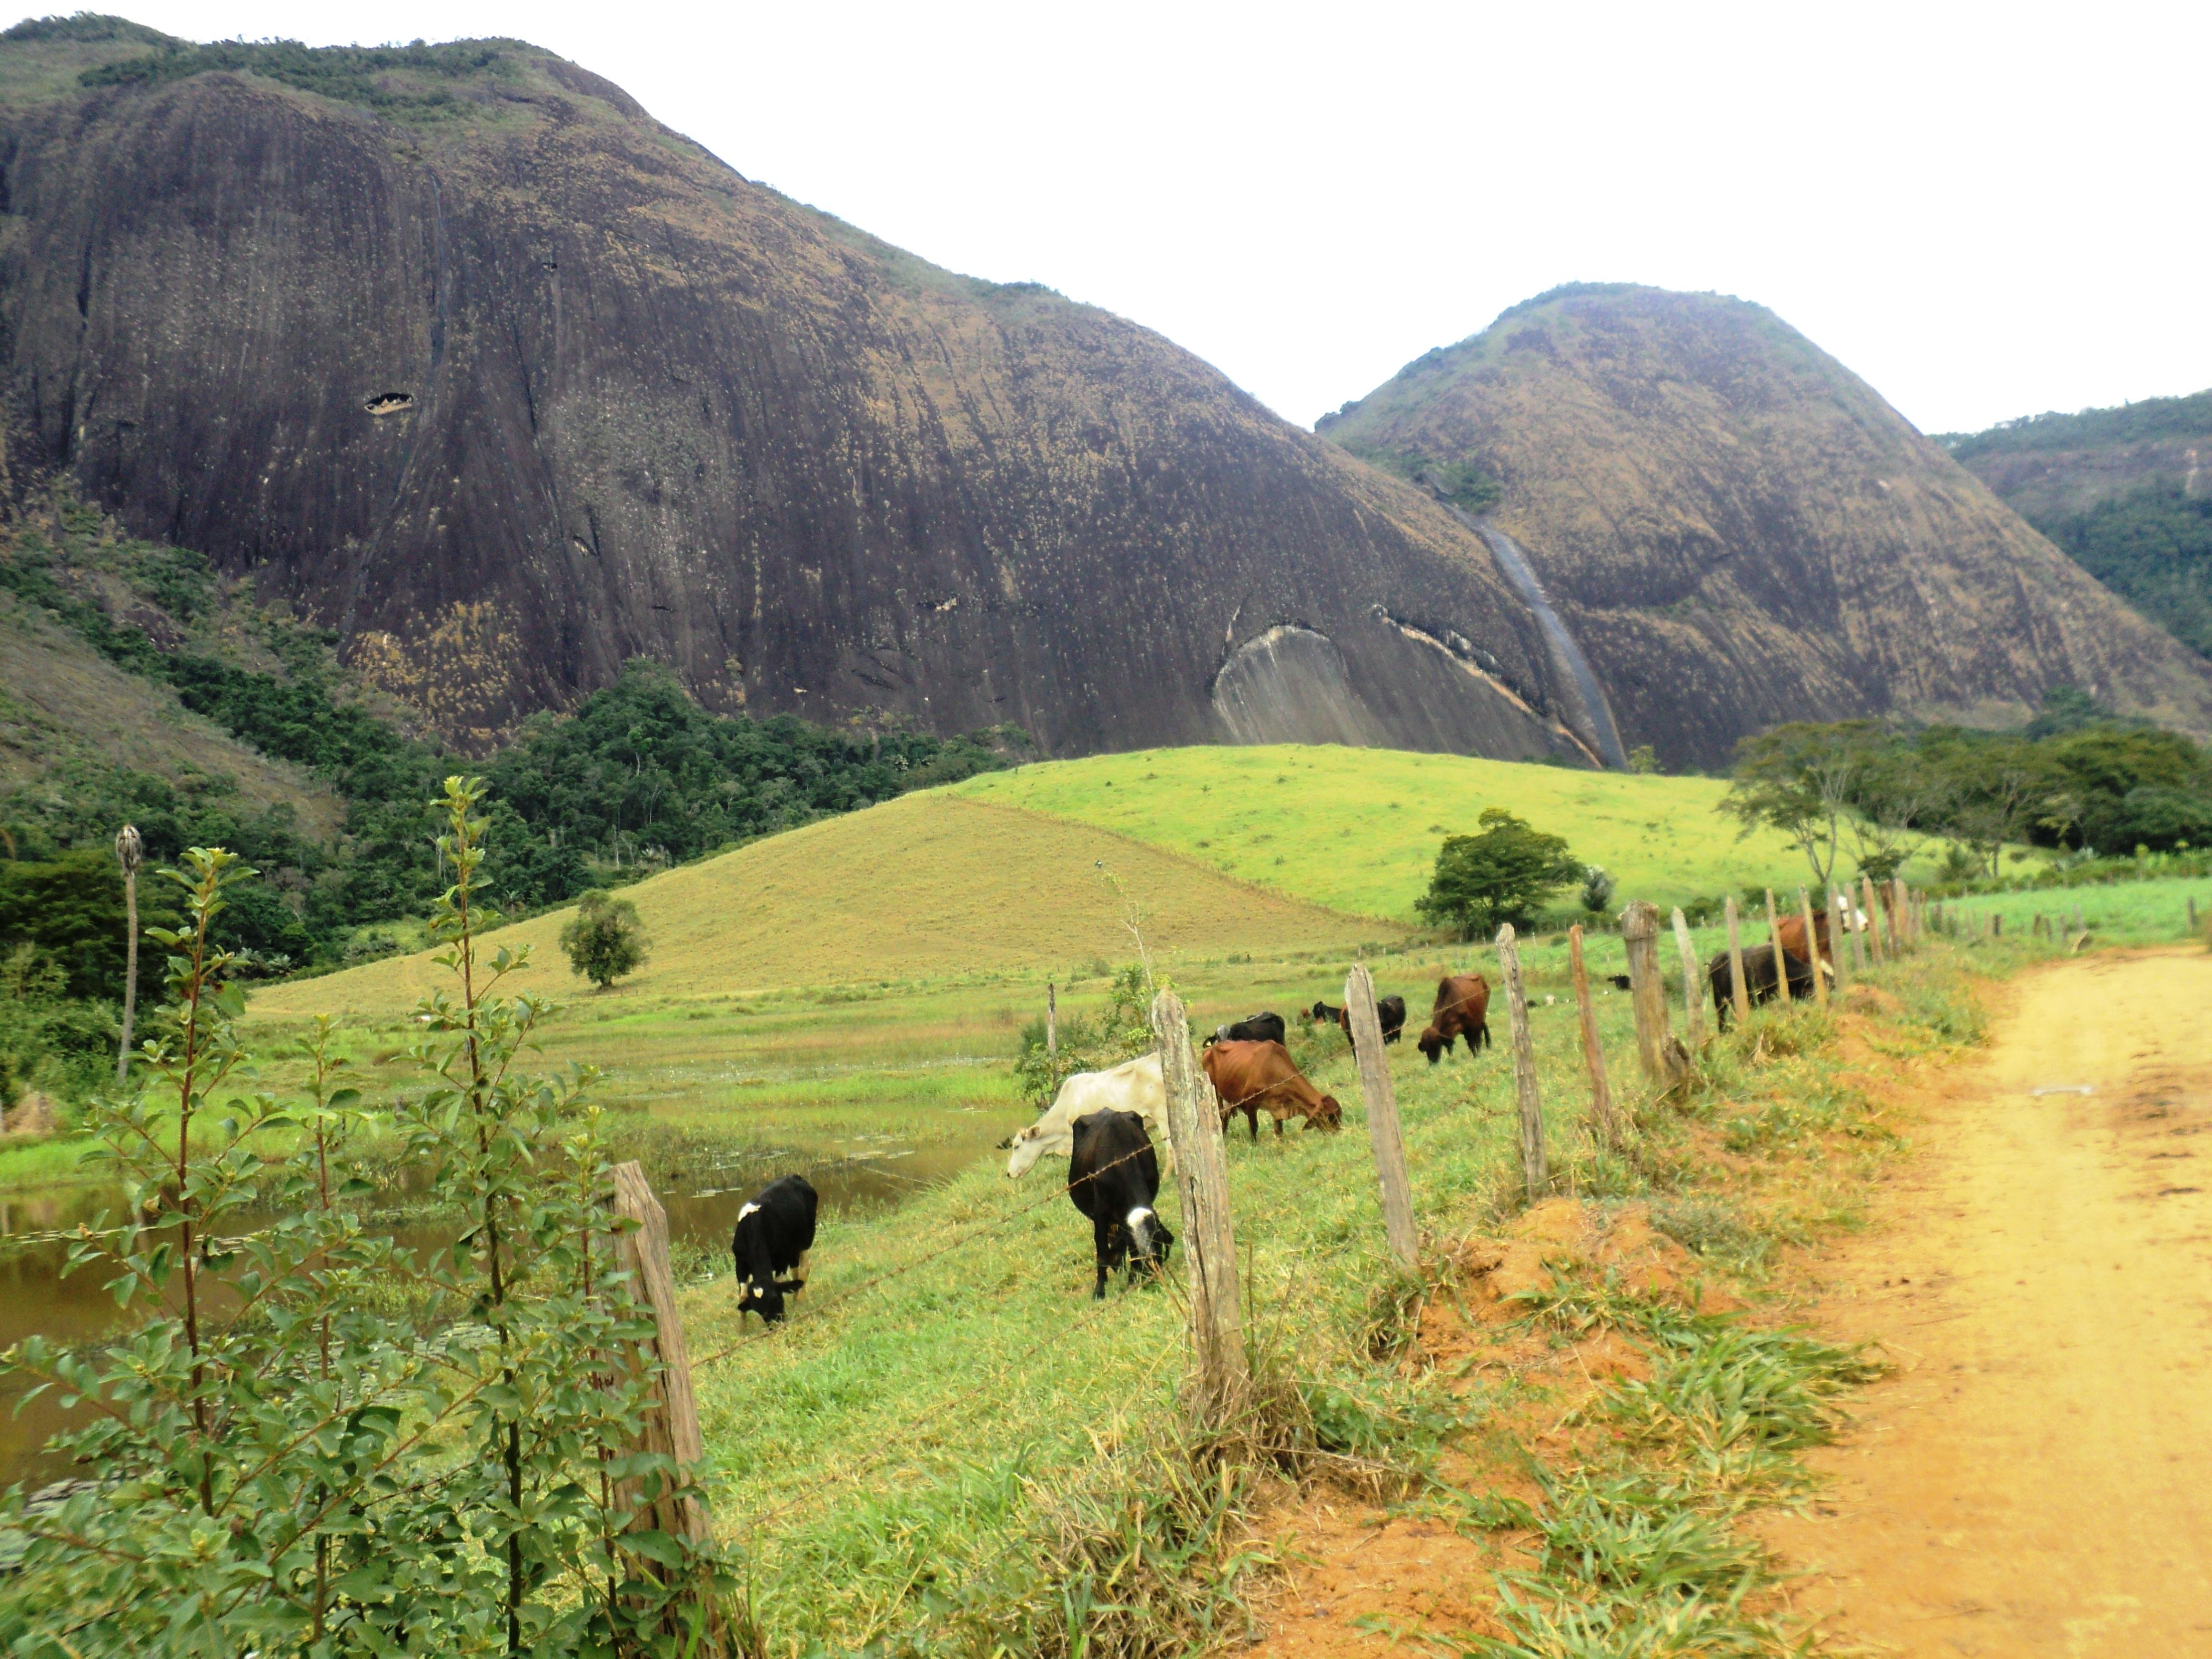 File:Corredor Ecológico e uso de solo.jpg - Wikimedia Commons